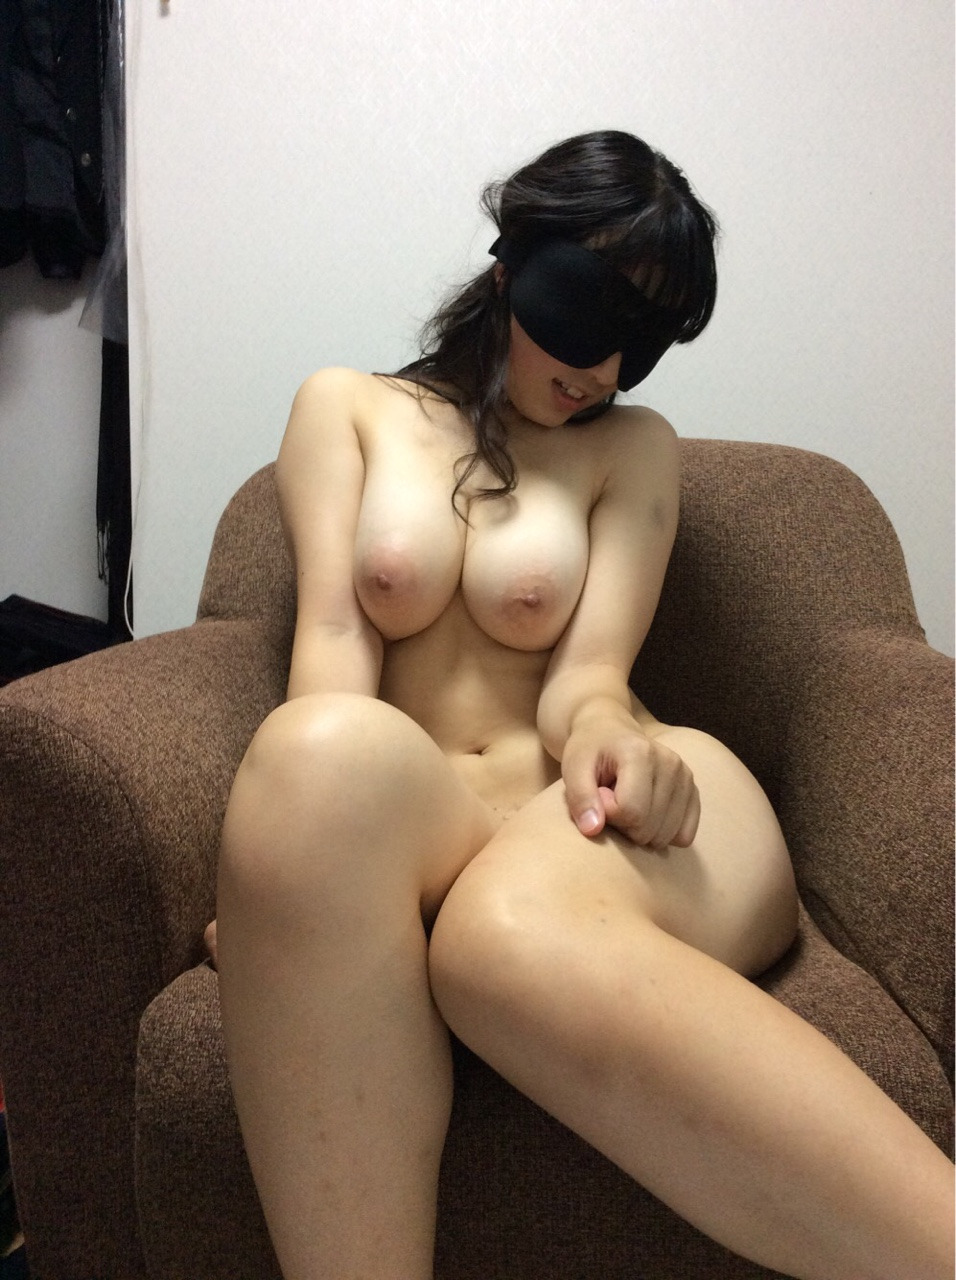 スケベ過ぎる素人妻の巨乳おっぱい見つけたったwwwwwwwwwwww BRMZnIH